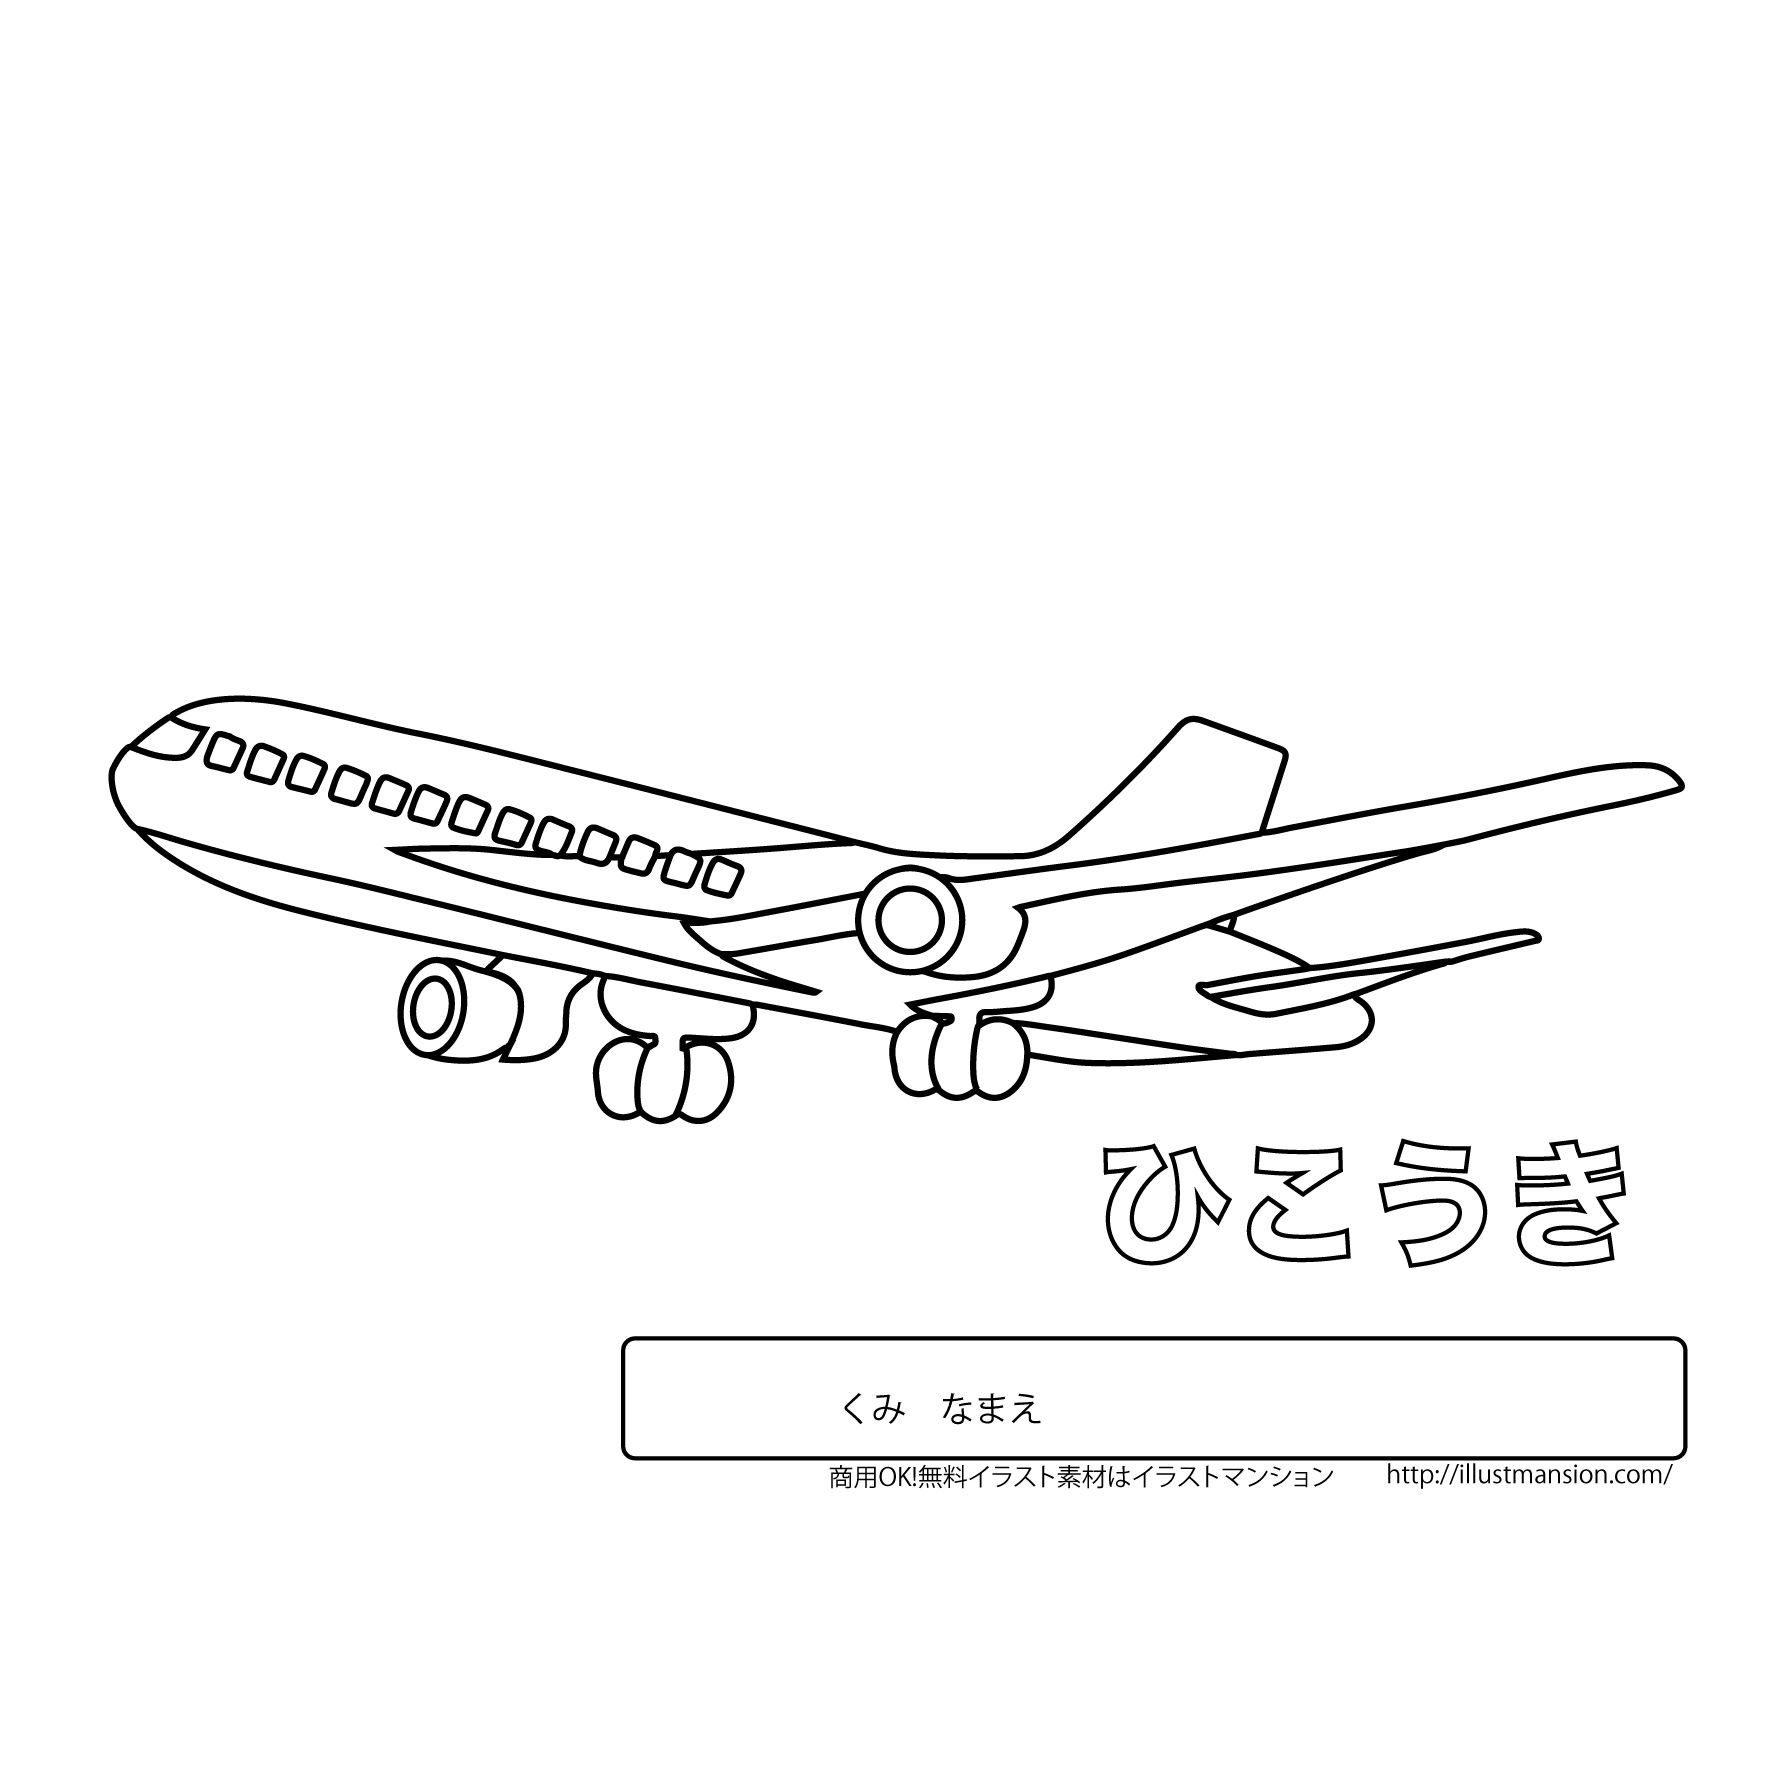 のりもの飛行機ひこうきの塗り絵ぬりえのイラスト 商用